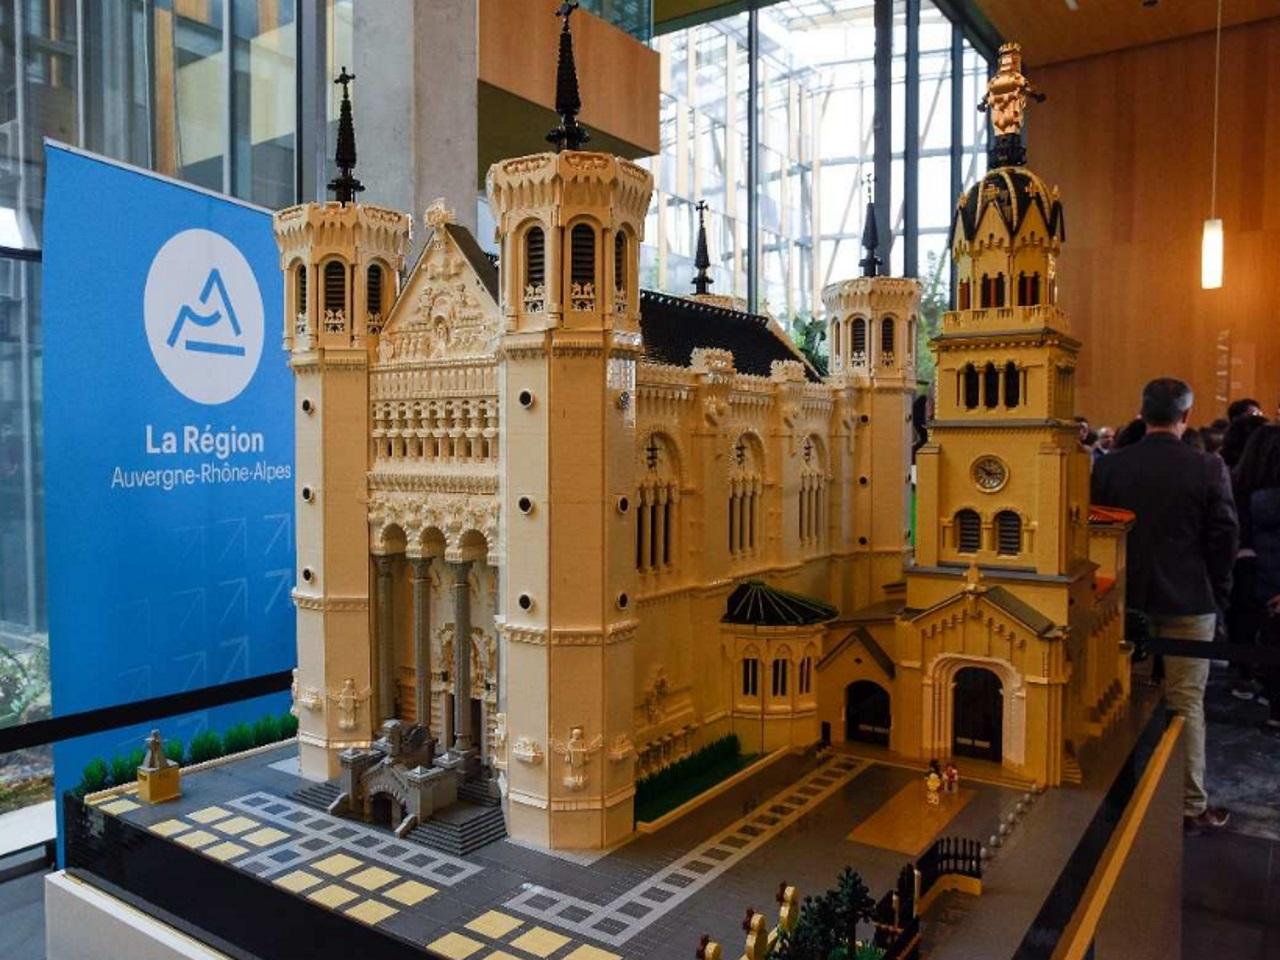 D'auvergne Les Rhône Alpes En Sites Historiques Reproduits Et Lego wPkZOX0nN8